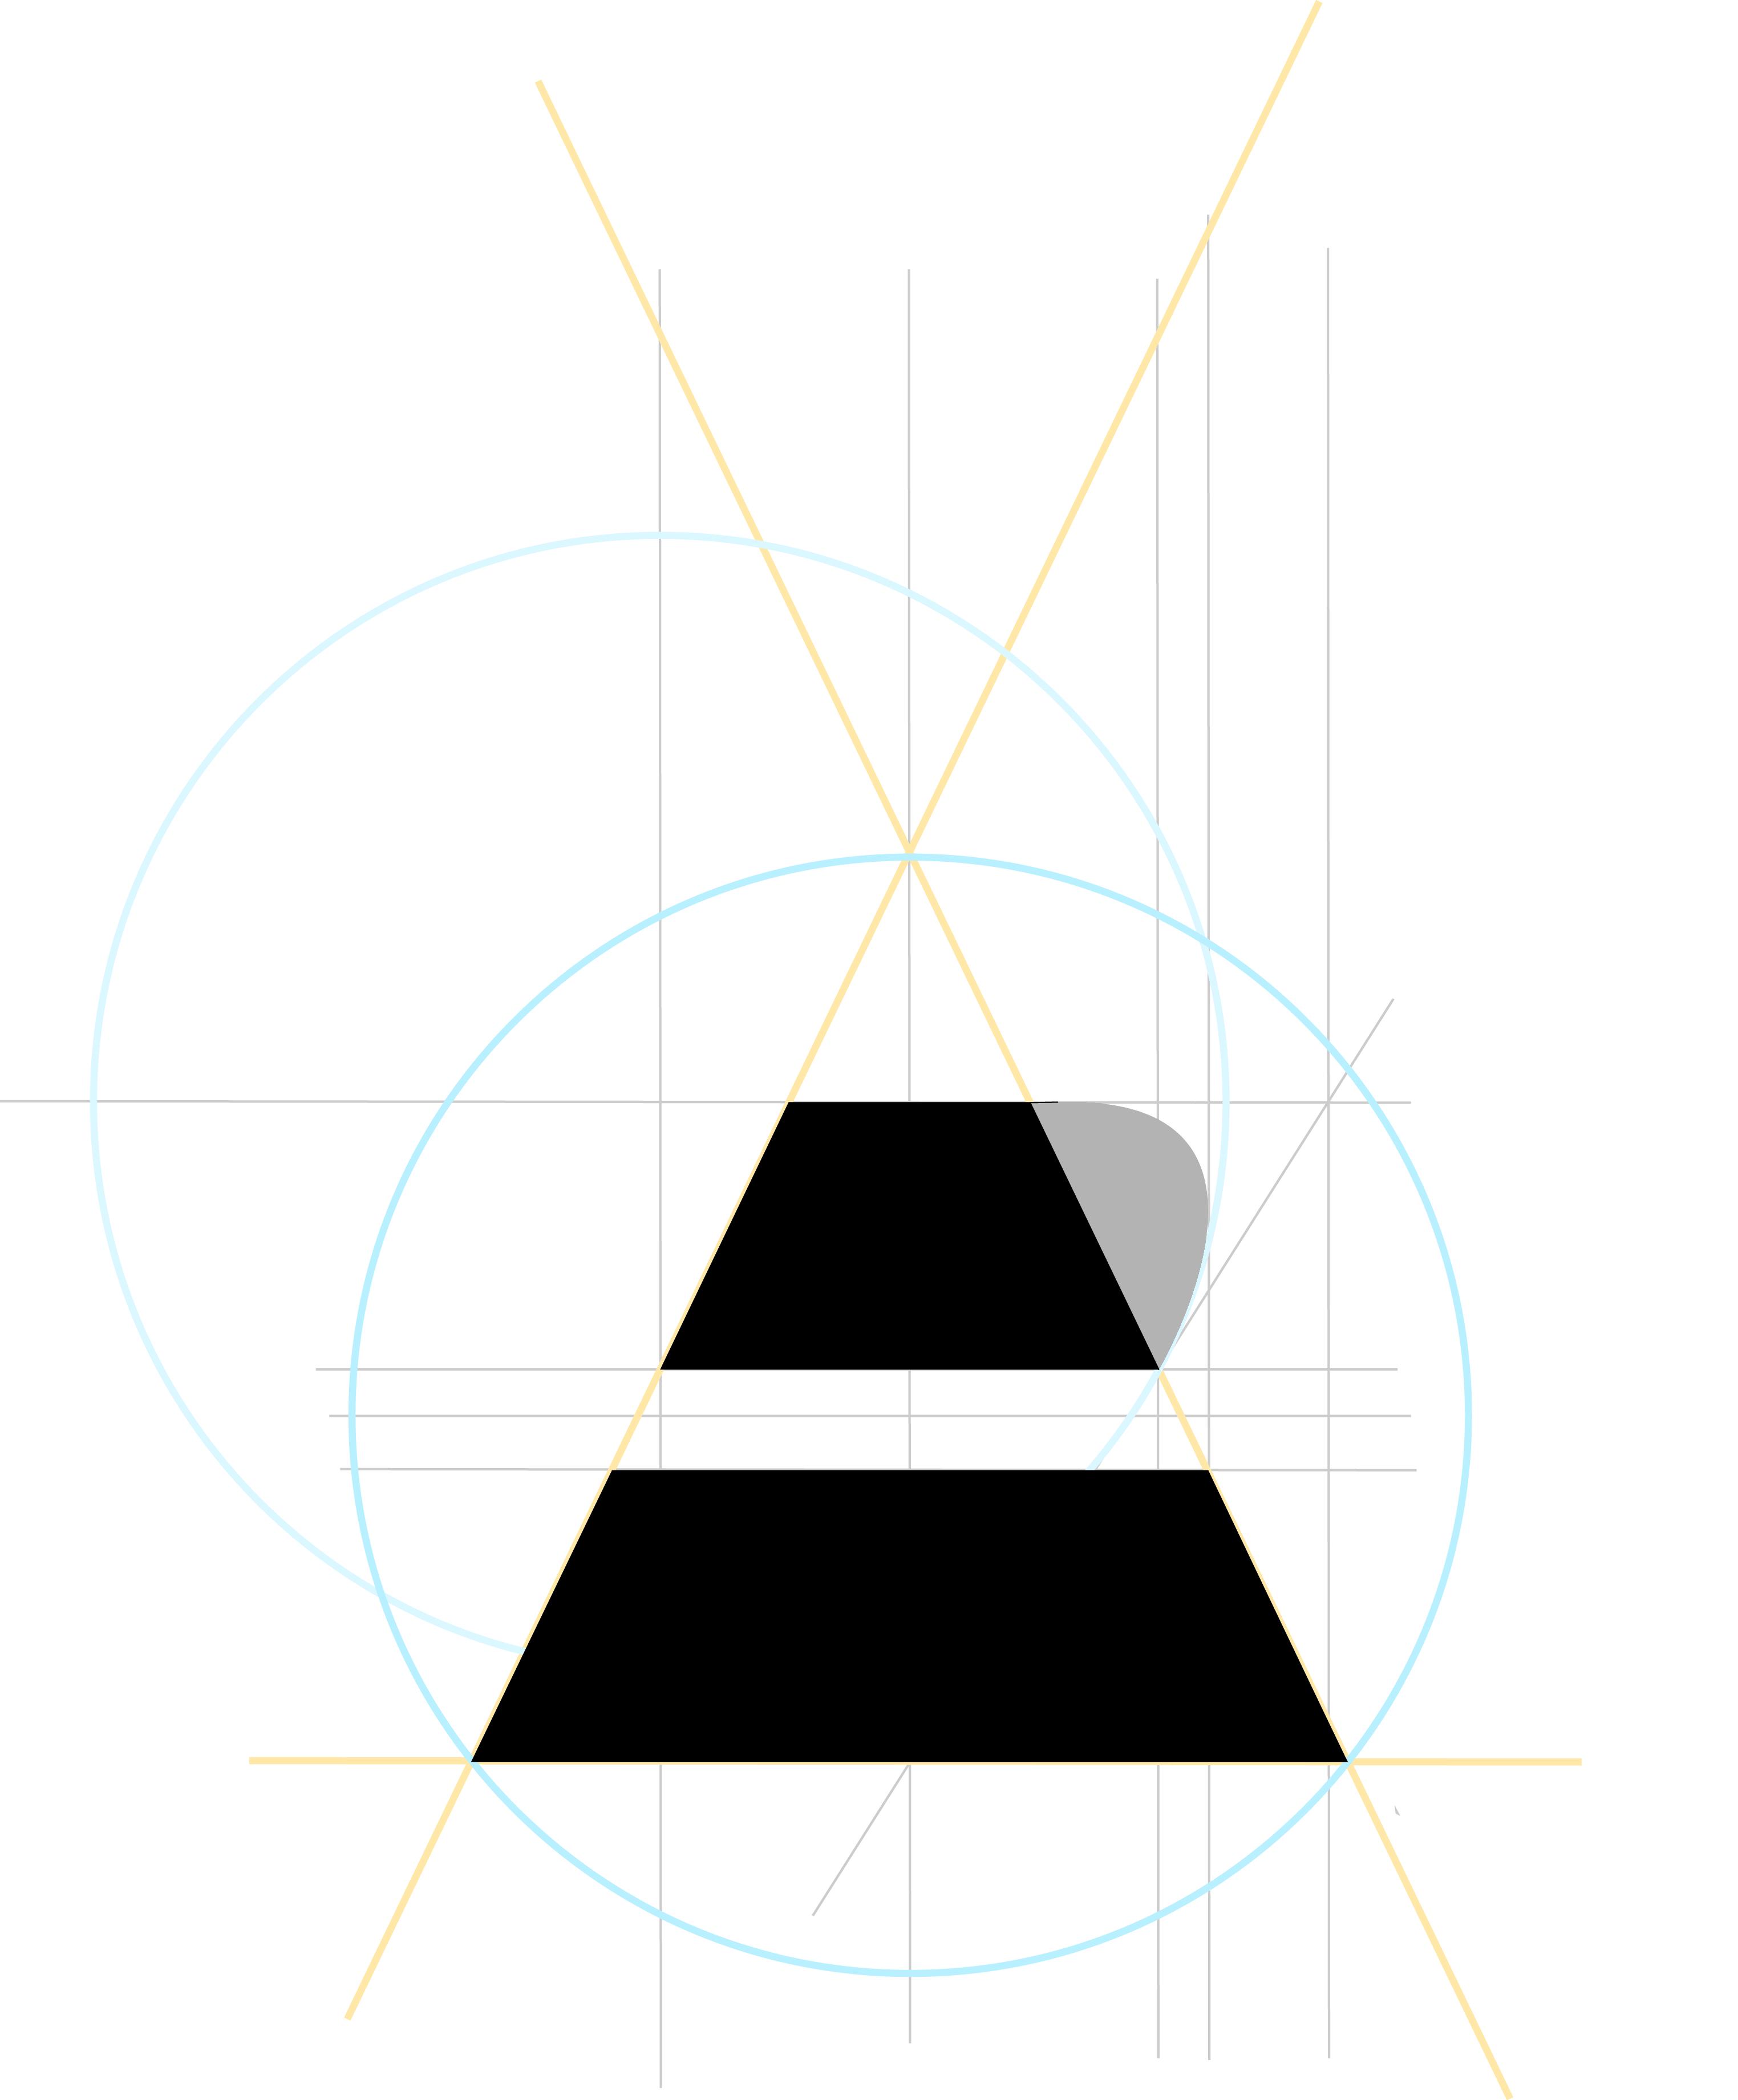 aregel_logo_ci_fertig_concept3